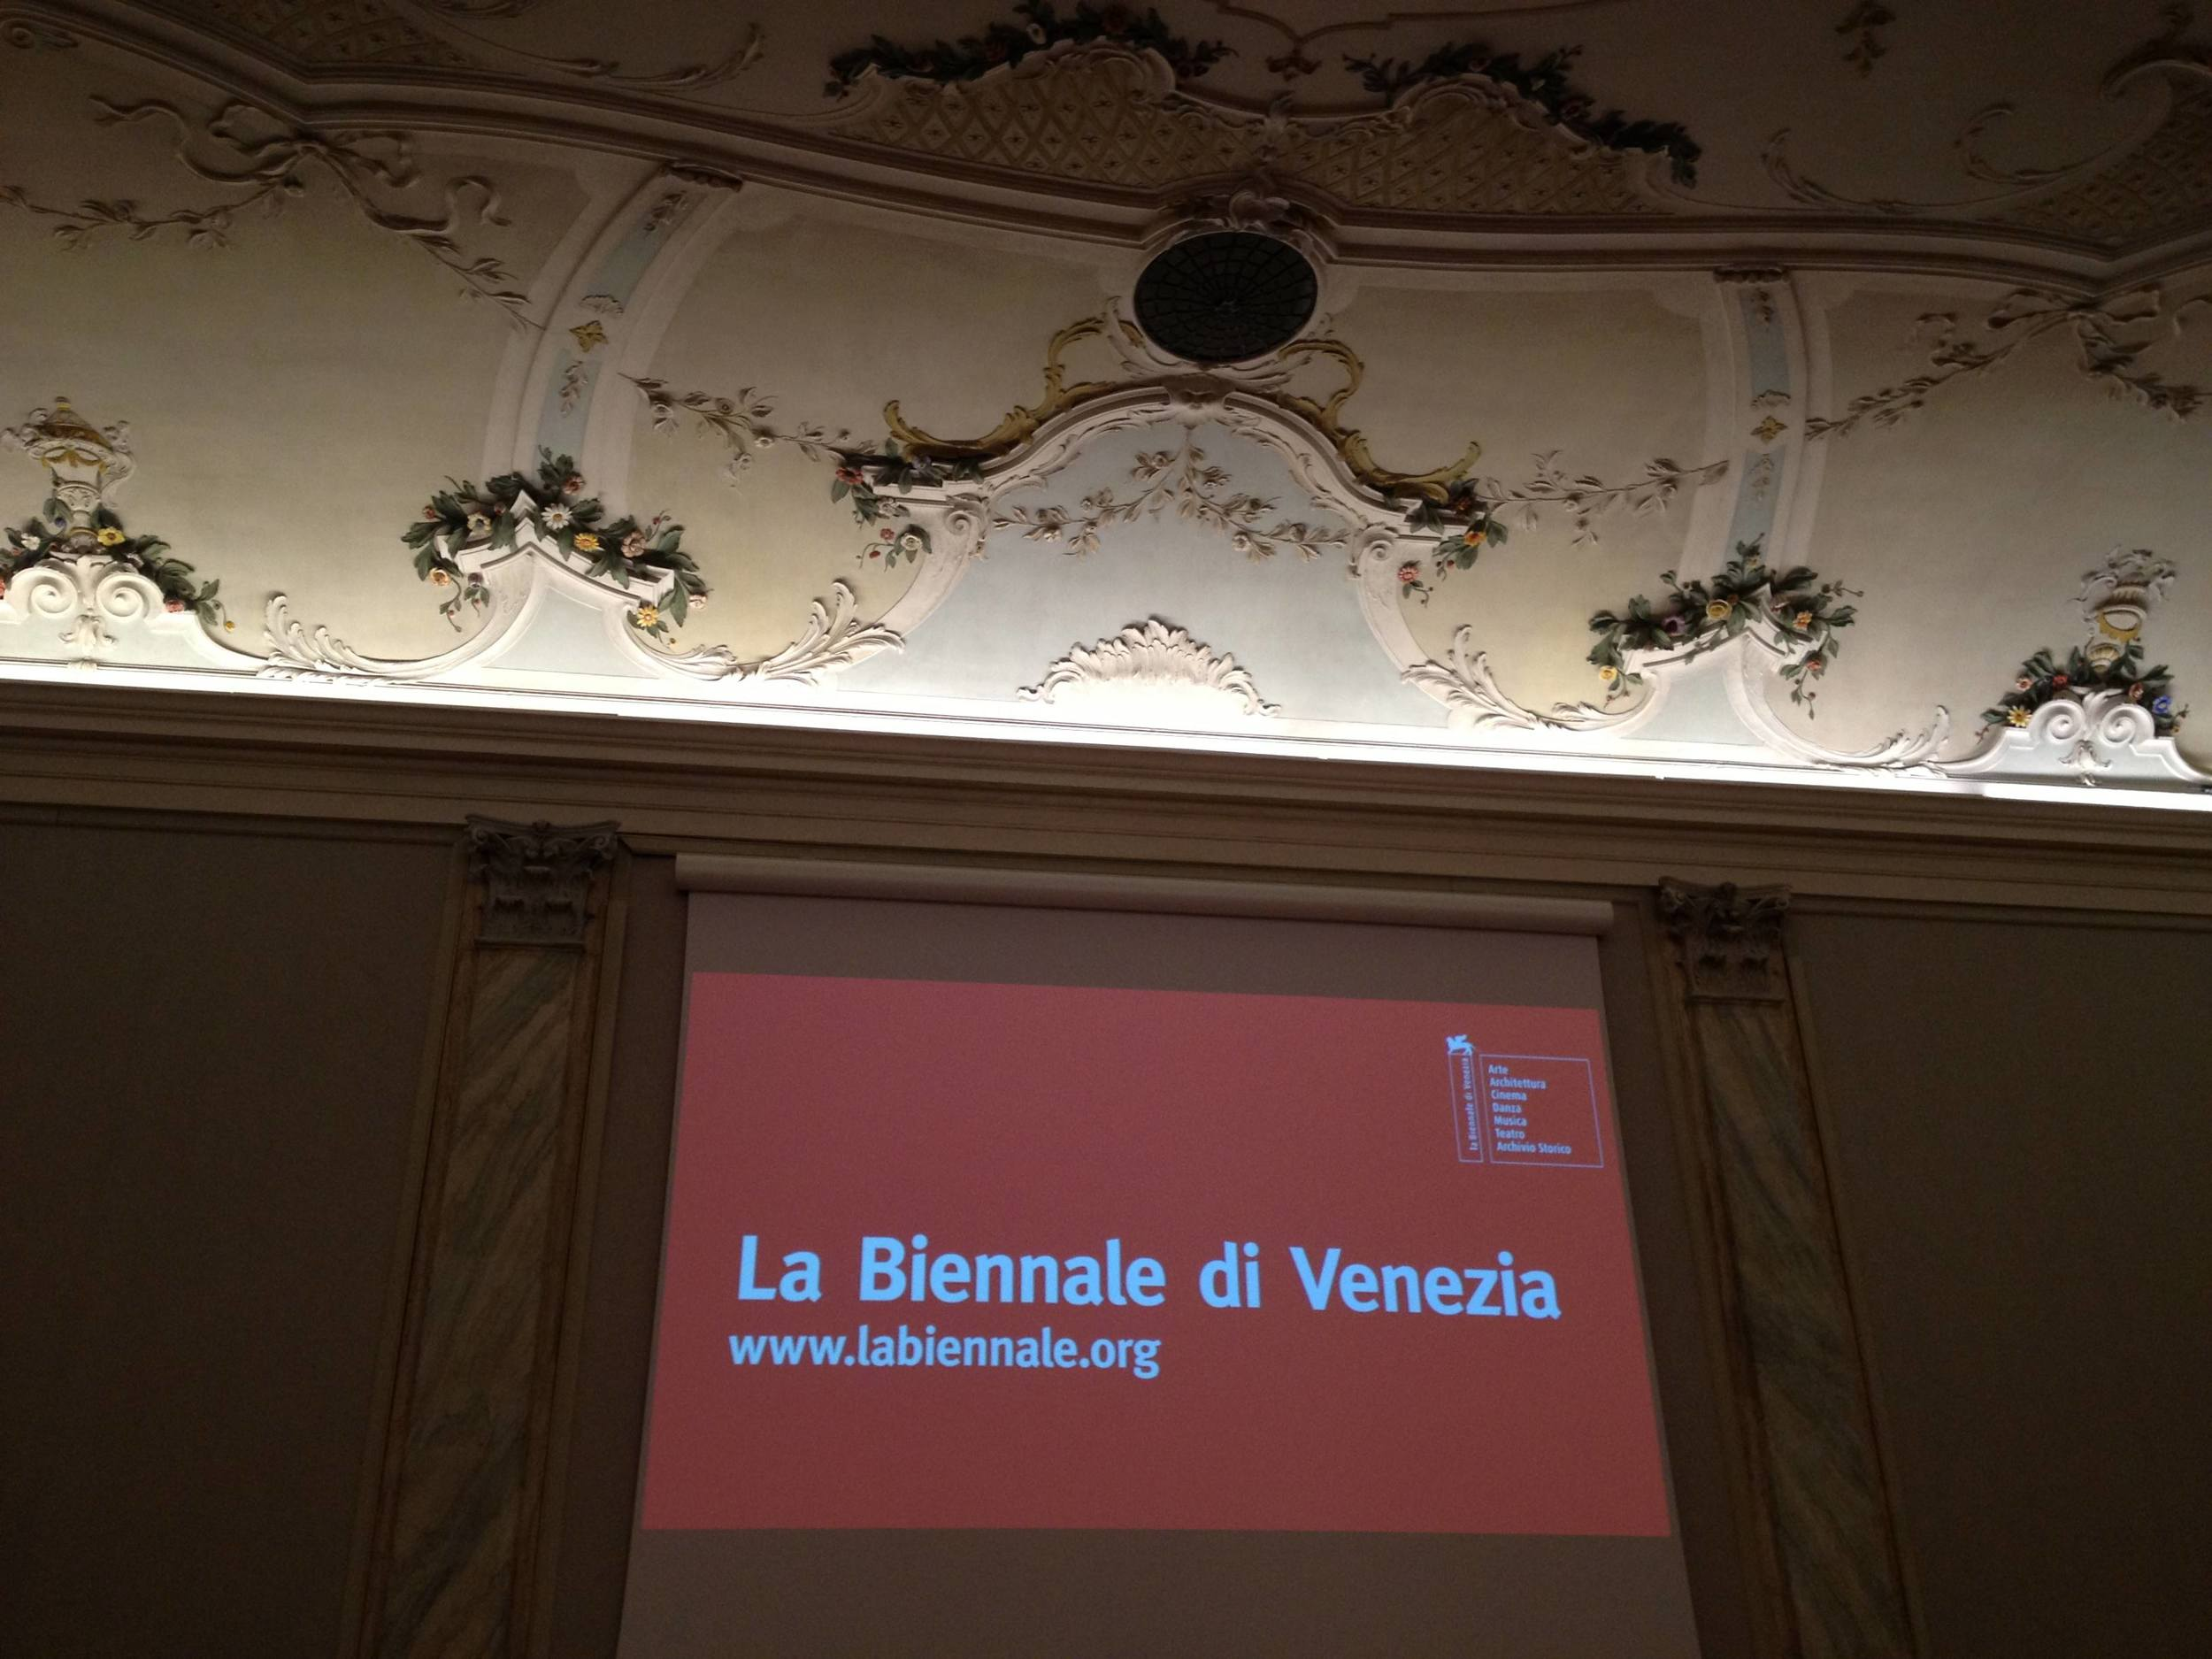 La Biennale di Venezia - Ca' Giustinian